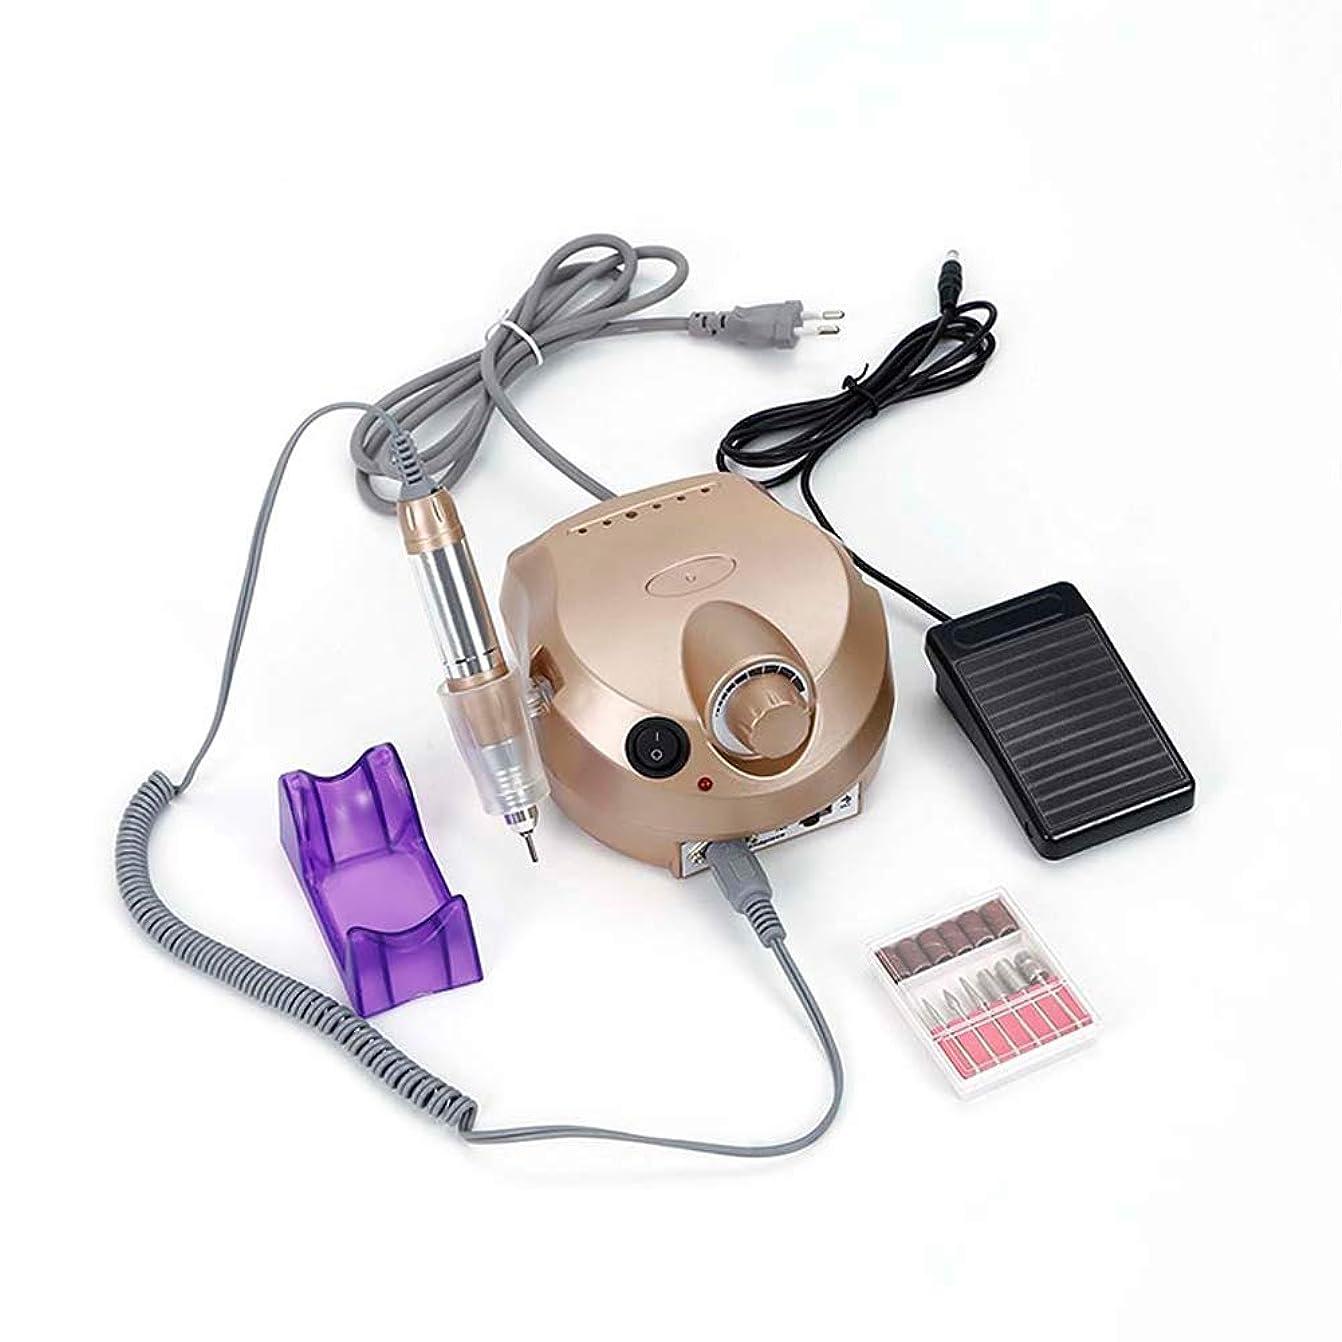 ムスタチオシーケンスコウモリ電動ドリルファイル機セット30ワット30000 rpmプロの研磨機ペディキュアとマニキュアセットネイルサロンツール,Gold